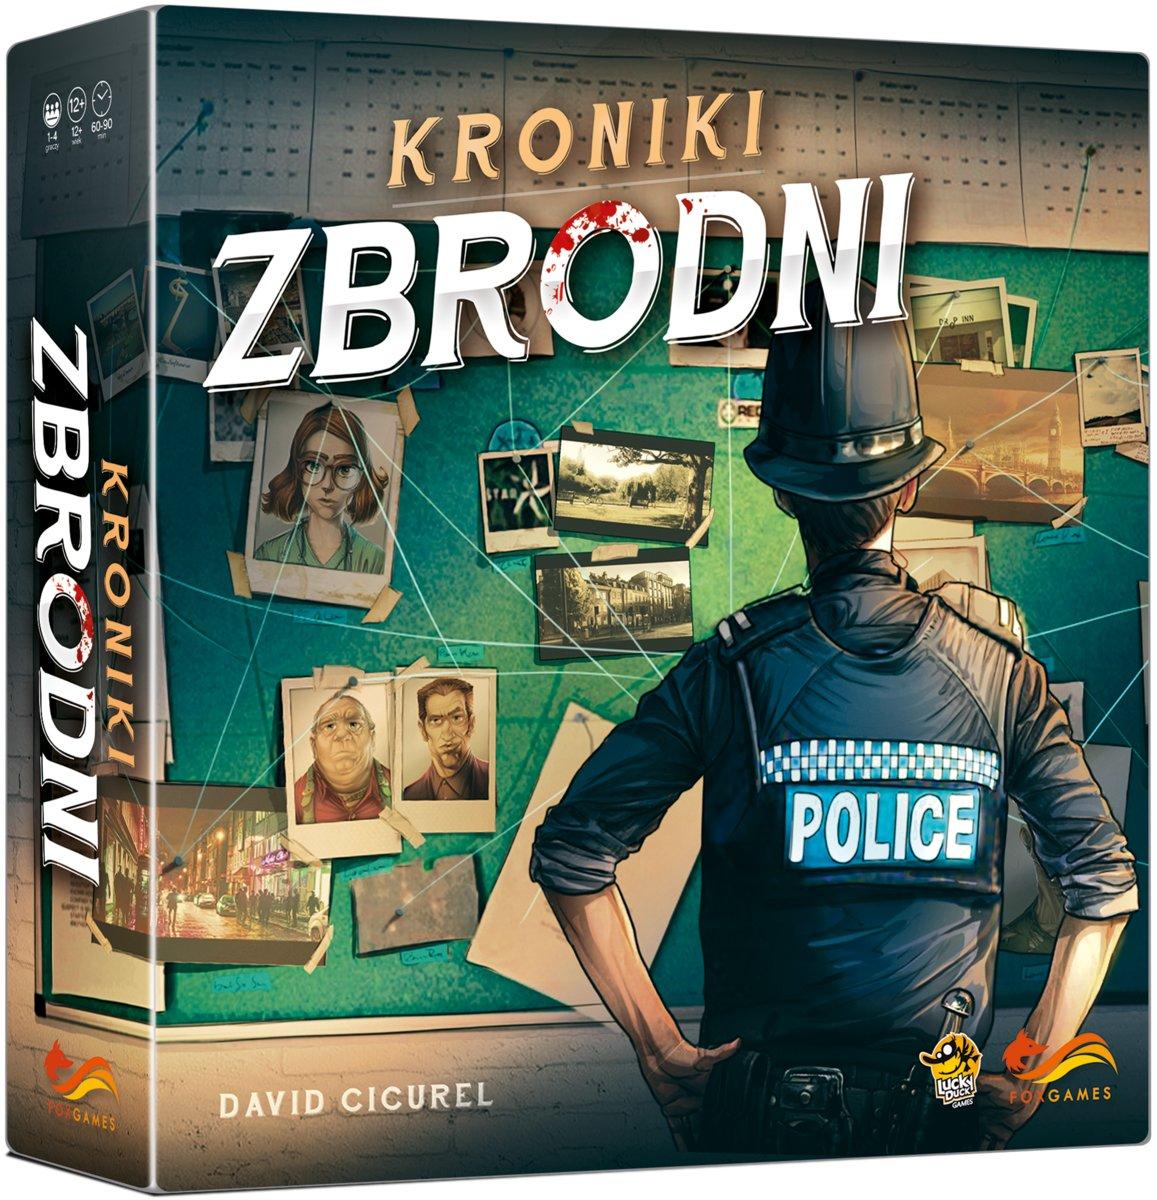 Kroniki Zbrodni Gra Foxgames Nowa Zafoliowana 7704766323